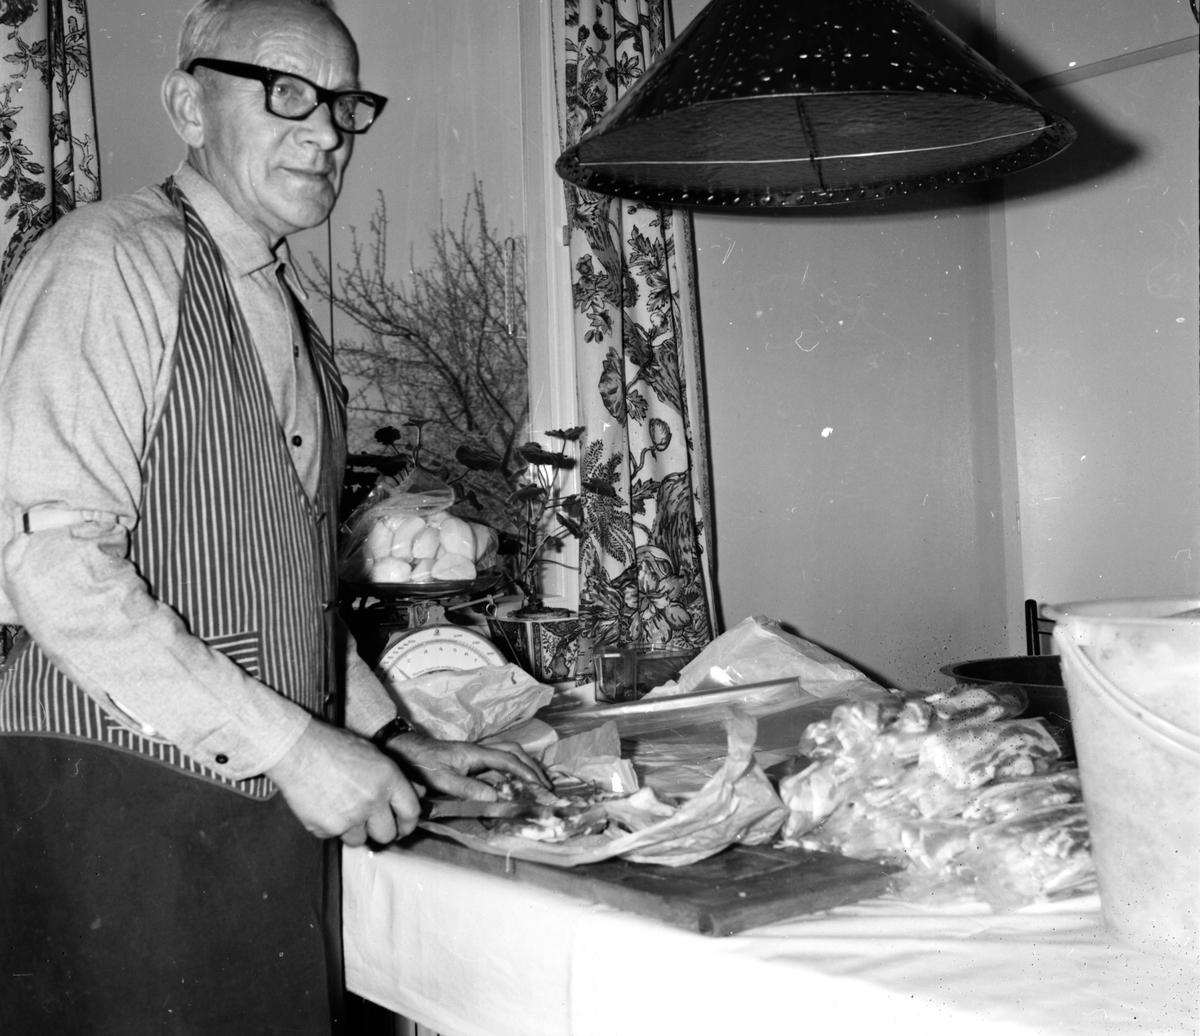 Män i hushållsarbete, 17 Nov 1965